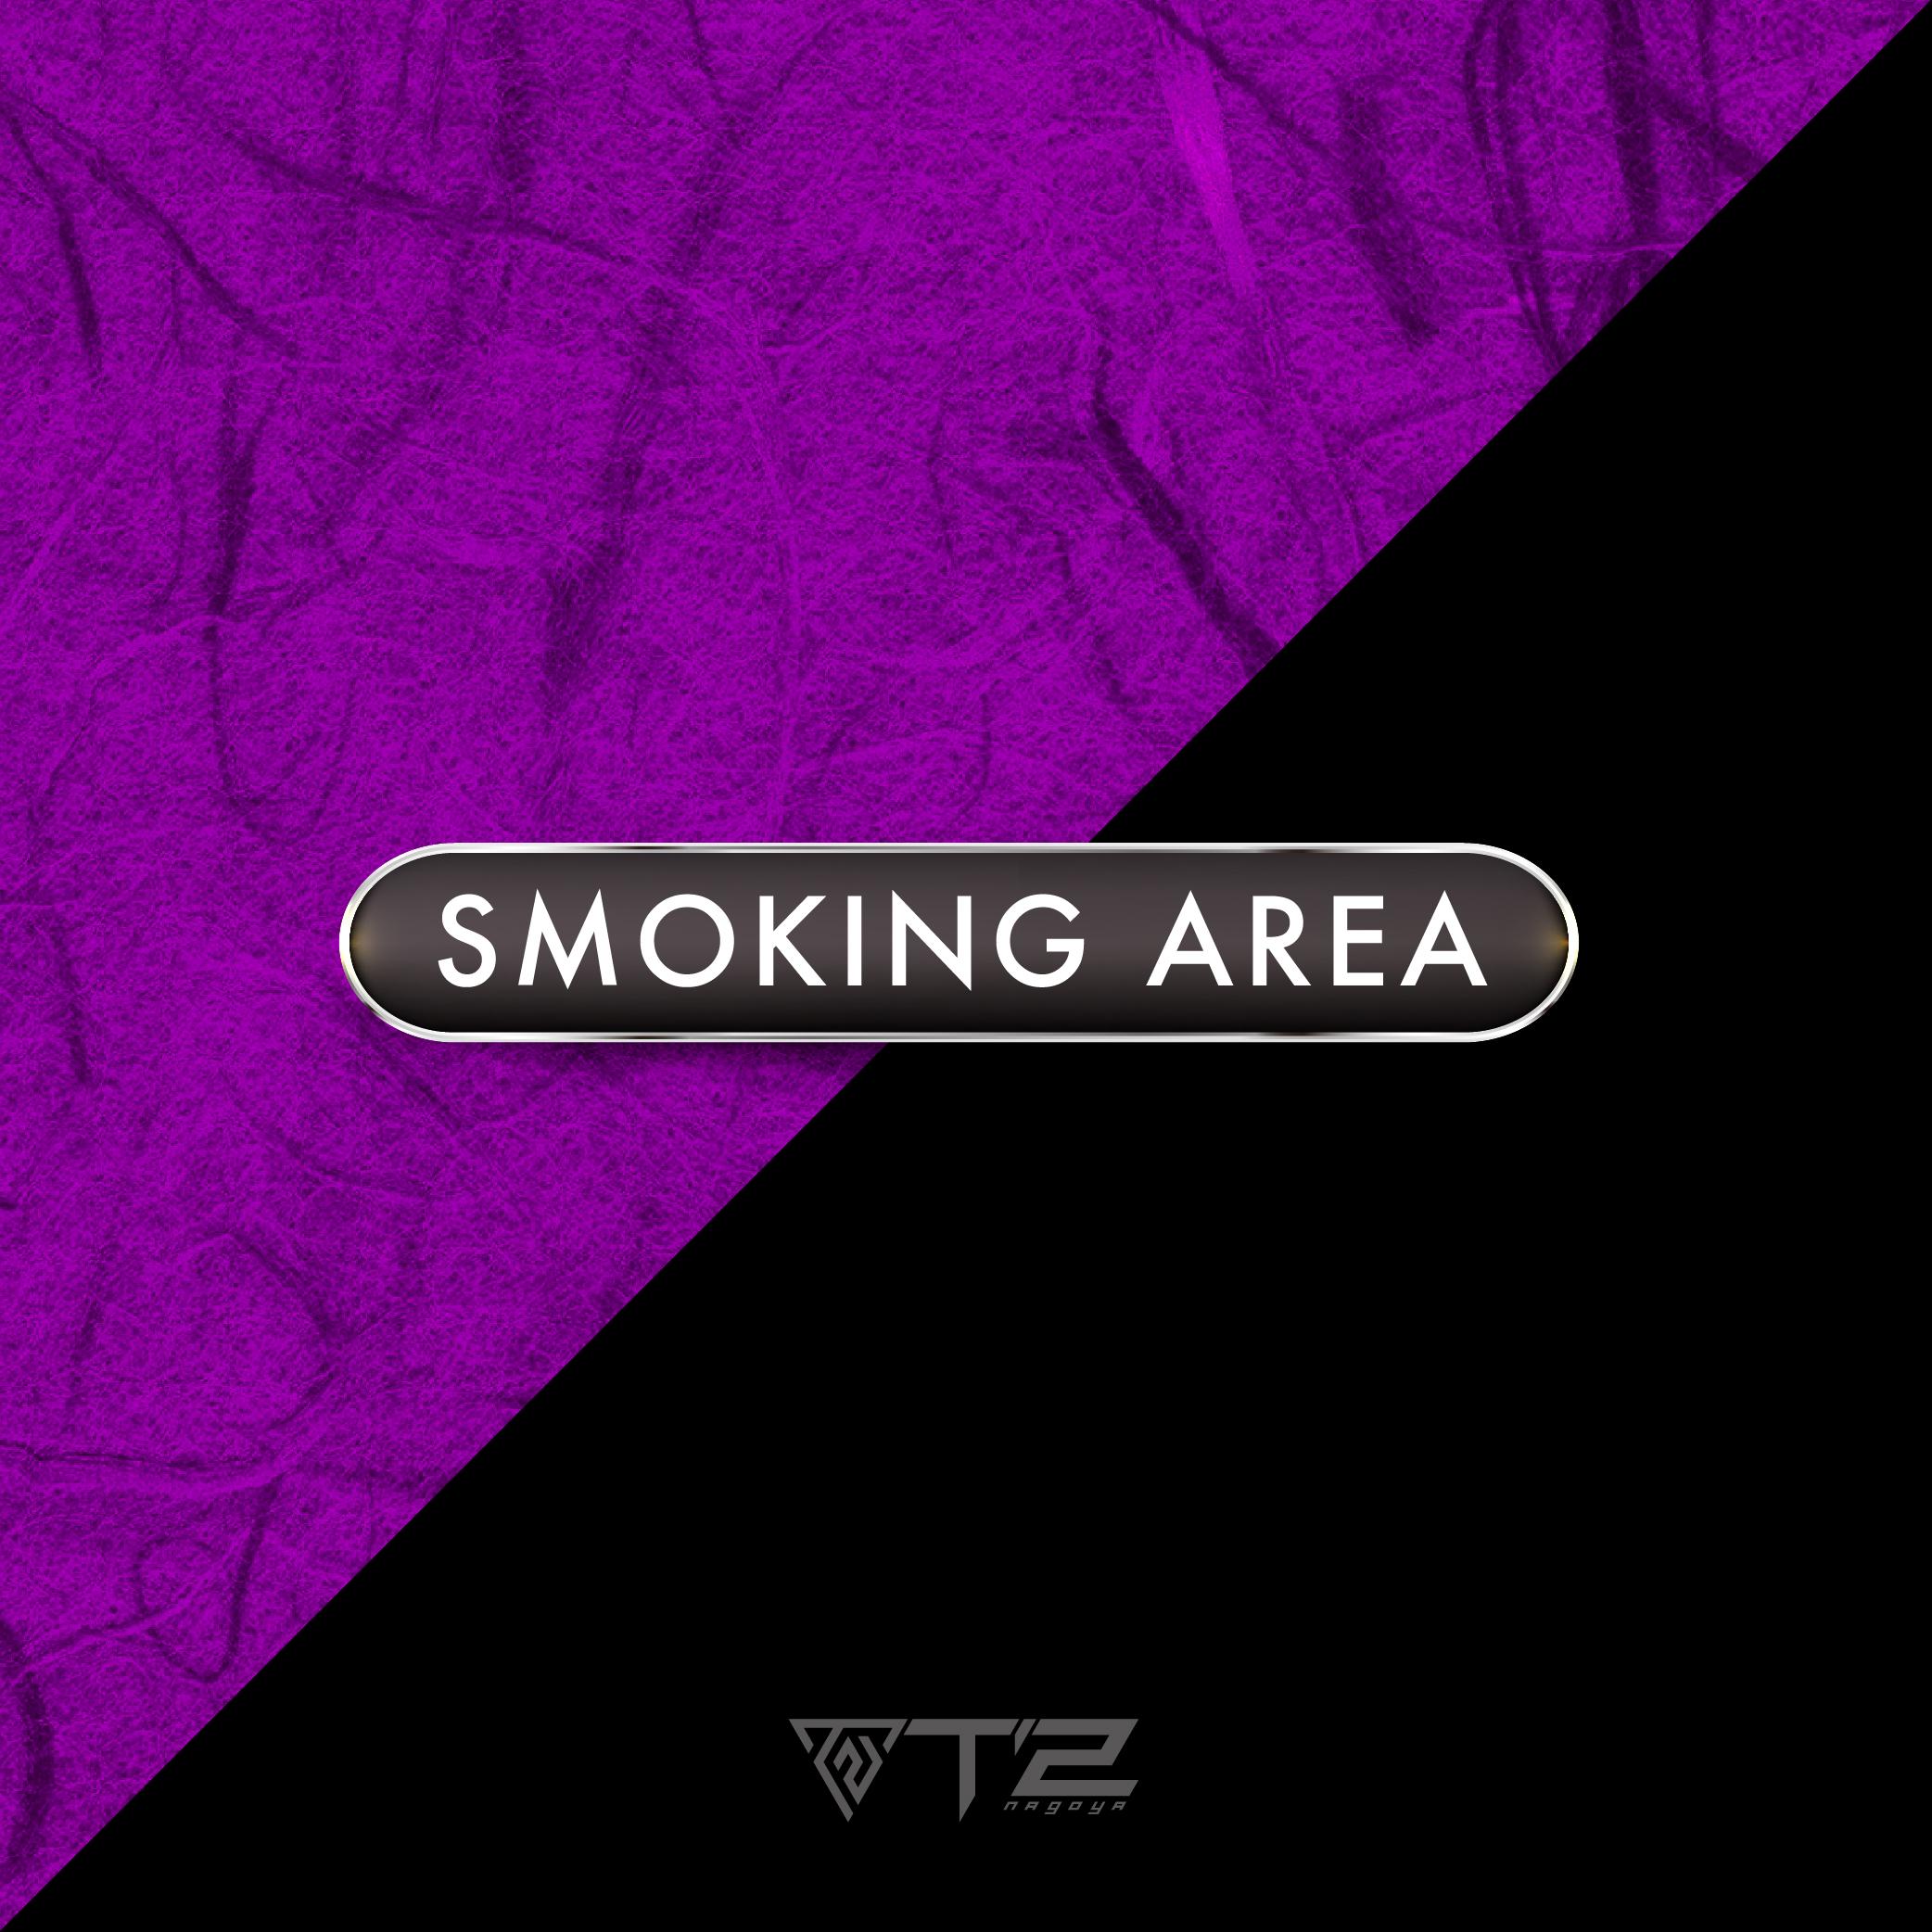 全館全フロアiQOSのみ喫煙可能になりました!